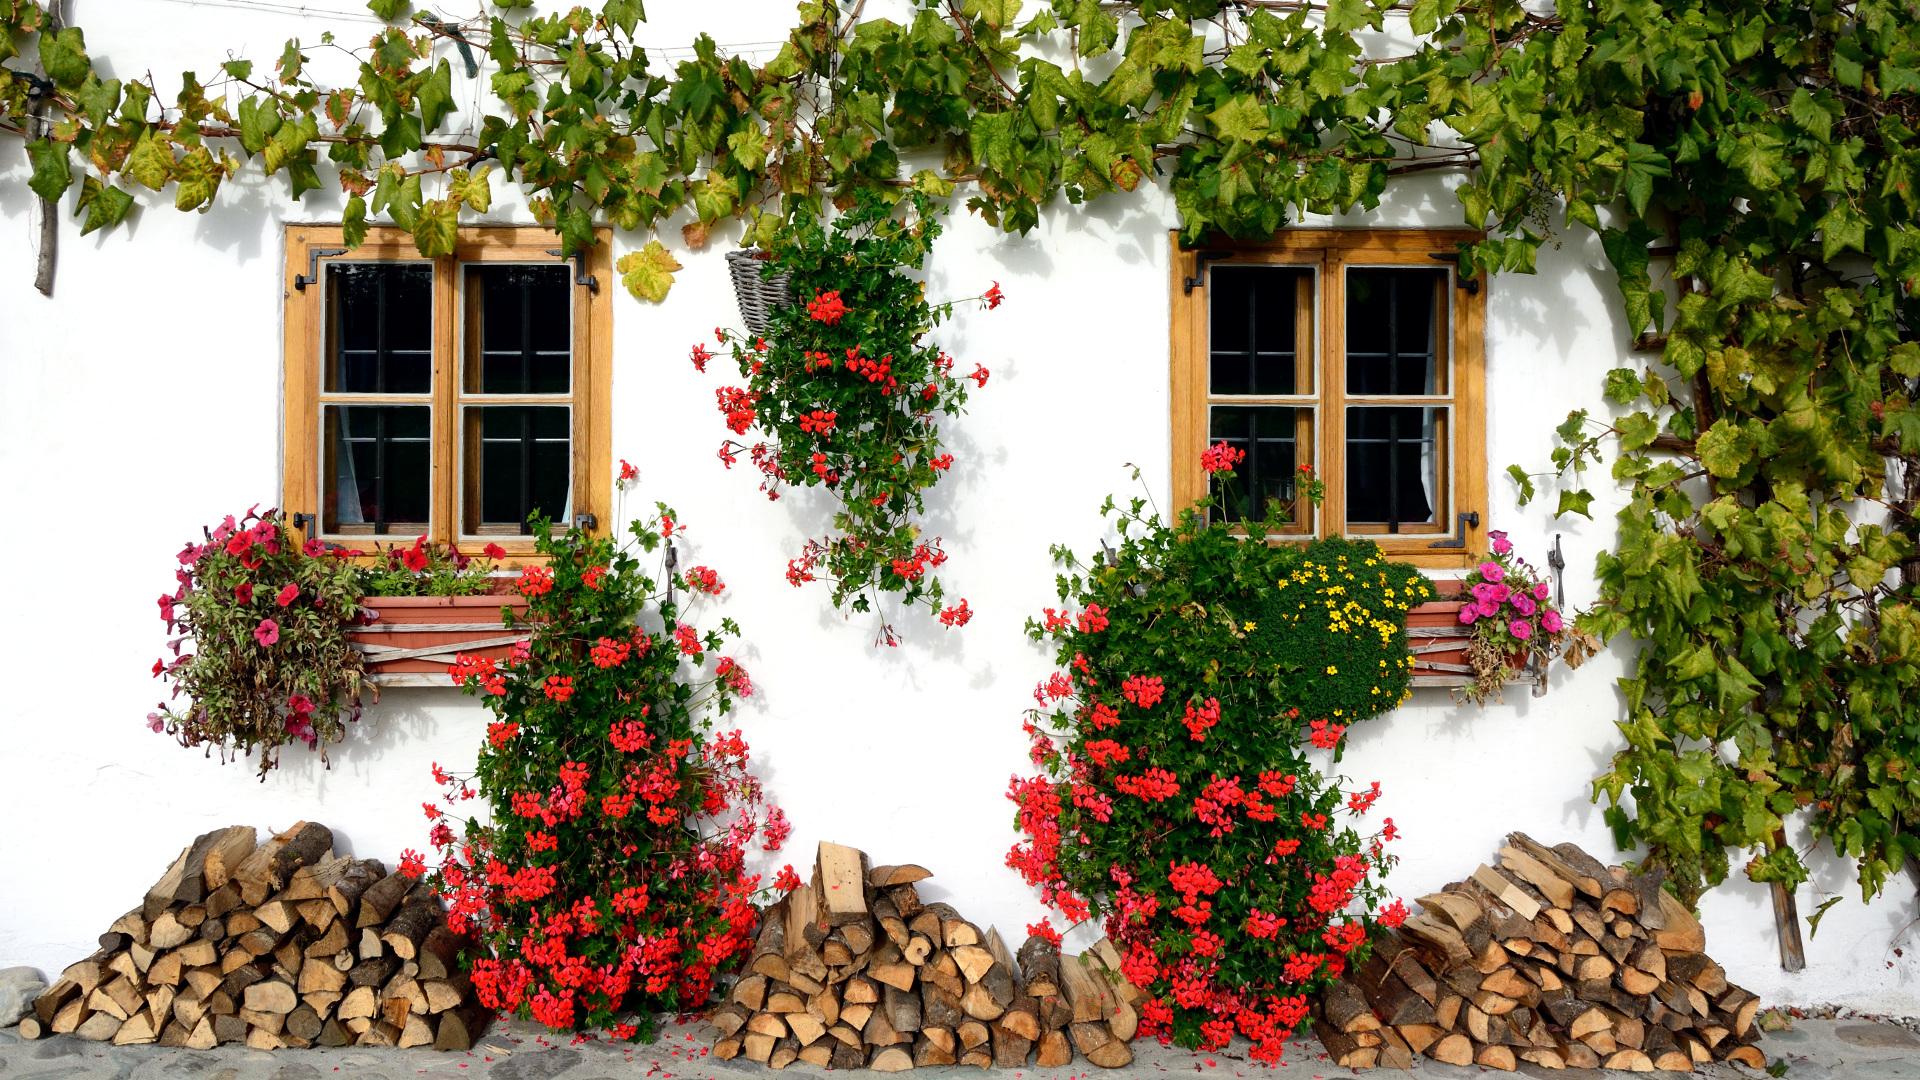 Renovar la fachada de nuestra casa for Renovar fachada de casa